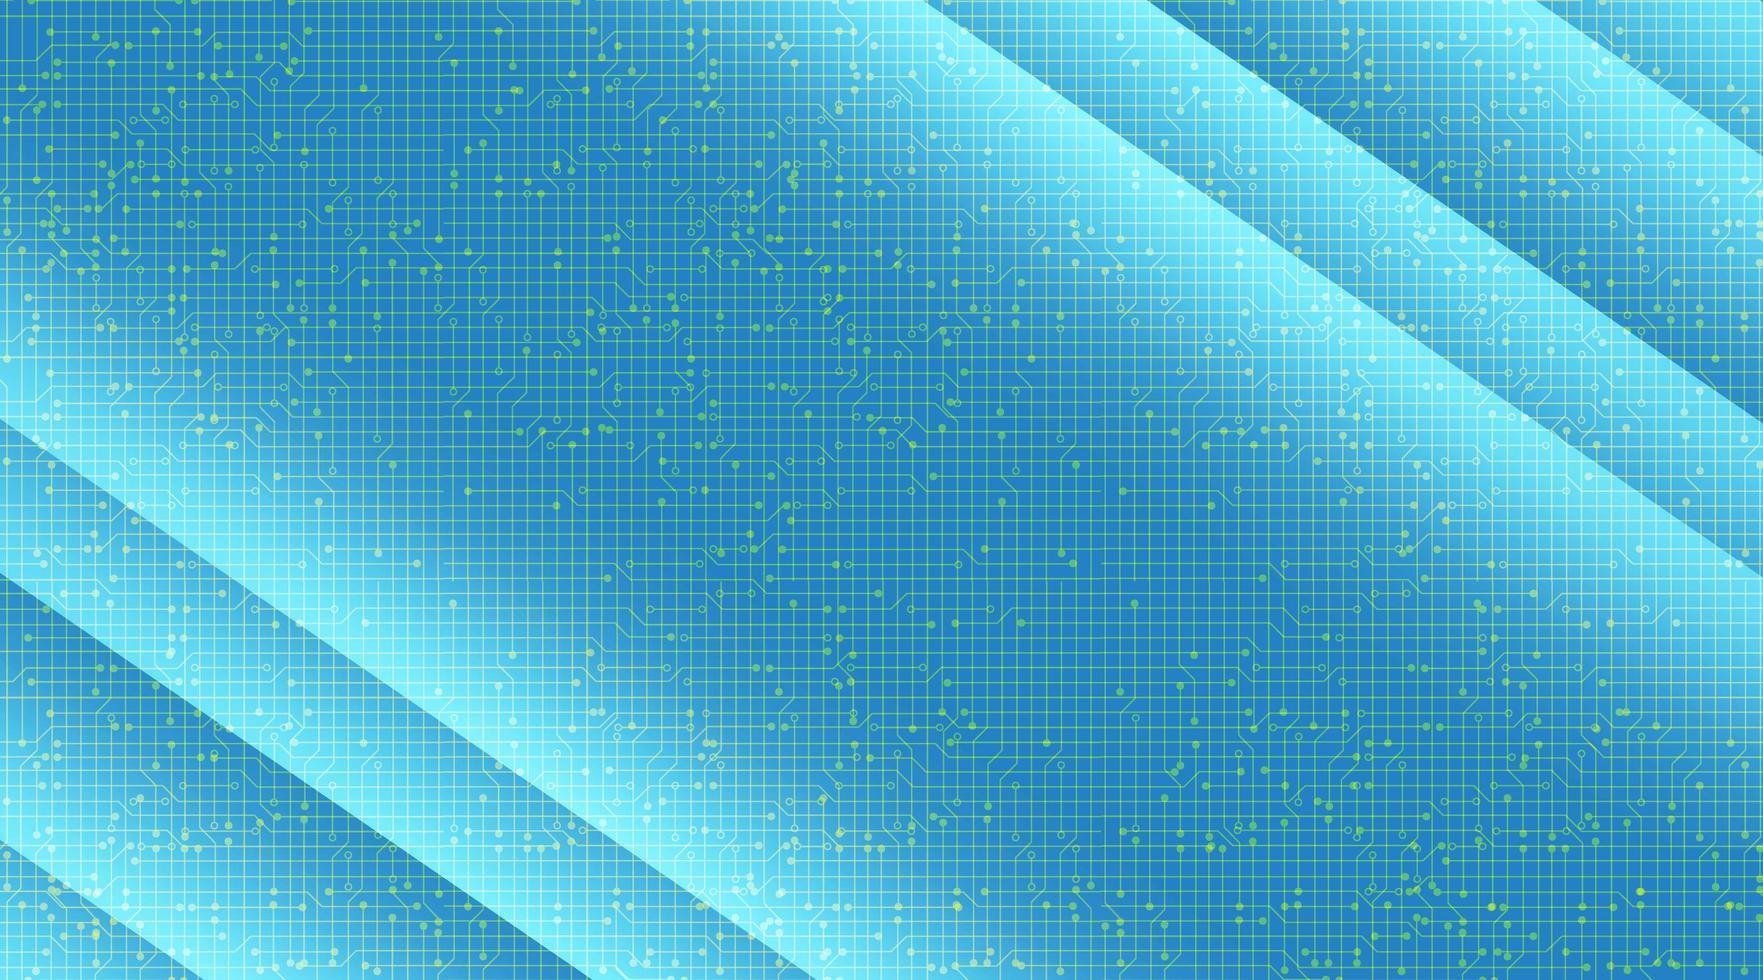 blauwe lichte microchip op technologieachtergrond, hi-tech digitaal en veiligheidsconceptontwerp, vrije ruimte voor tekst vector